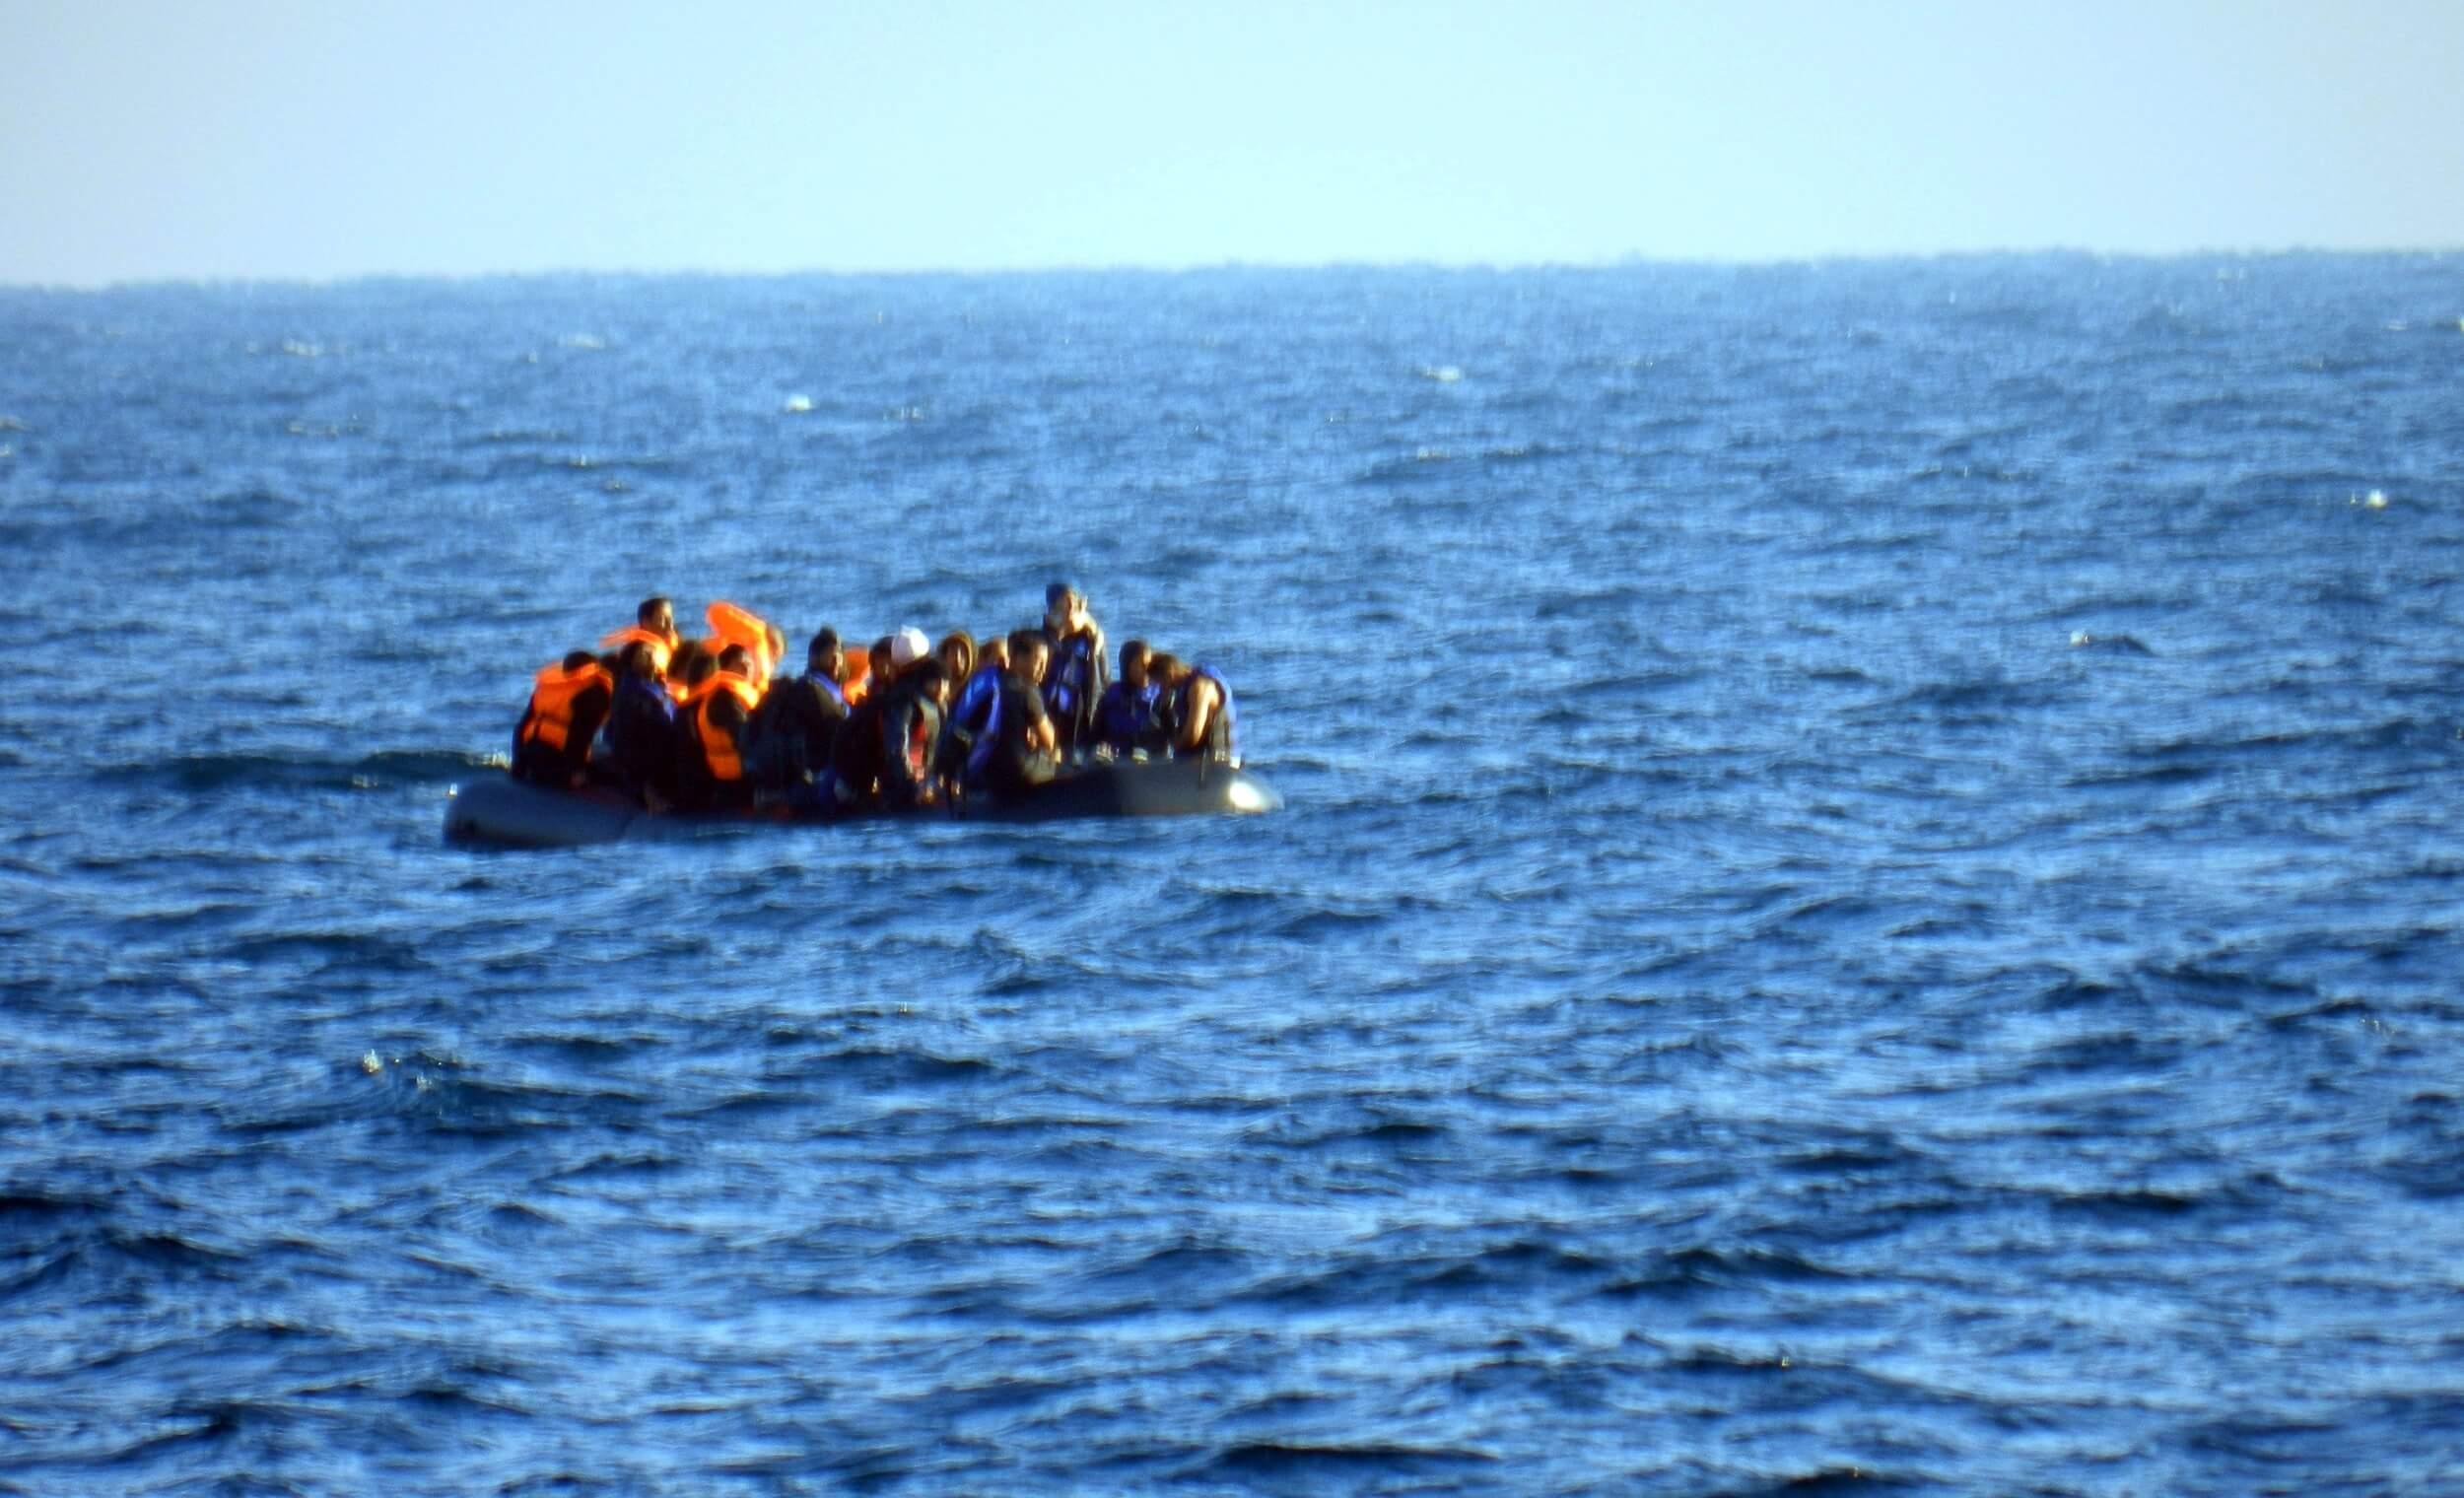 Λέσβος : Επιχείρηση έρευνας και διάσωσης αλλοδαπών